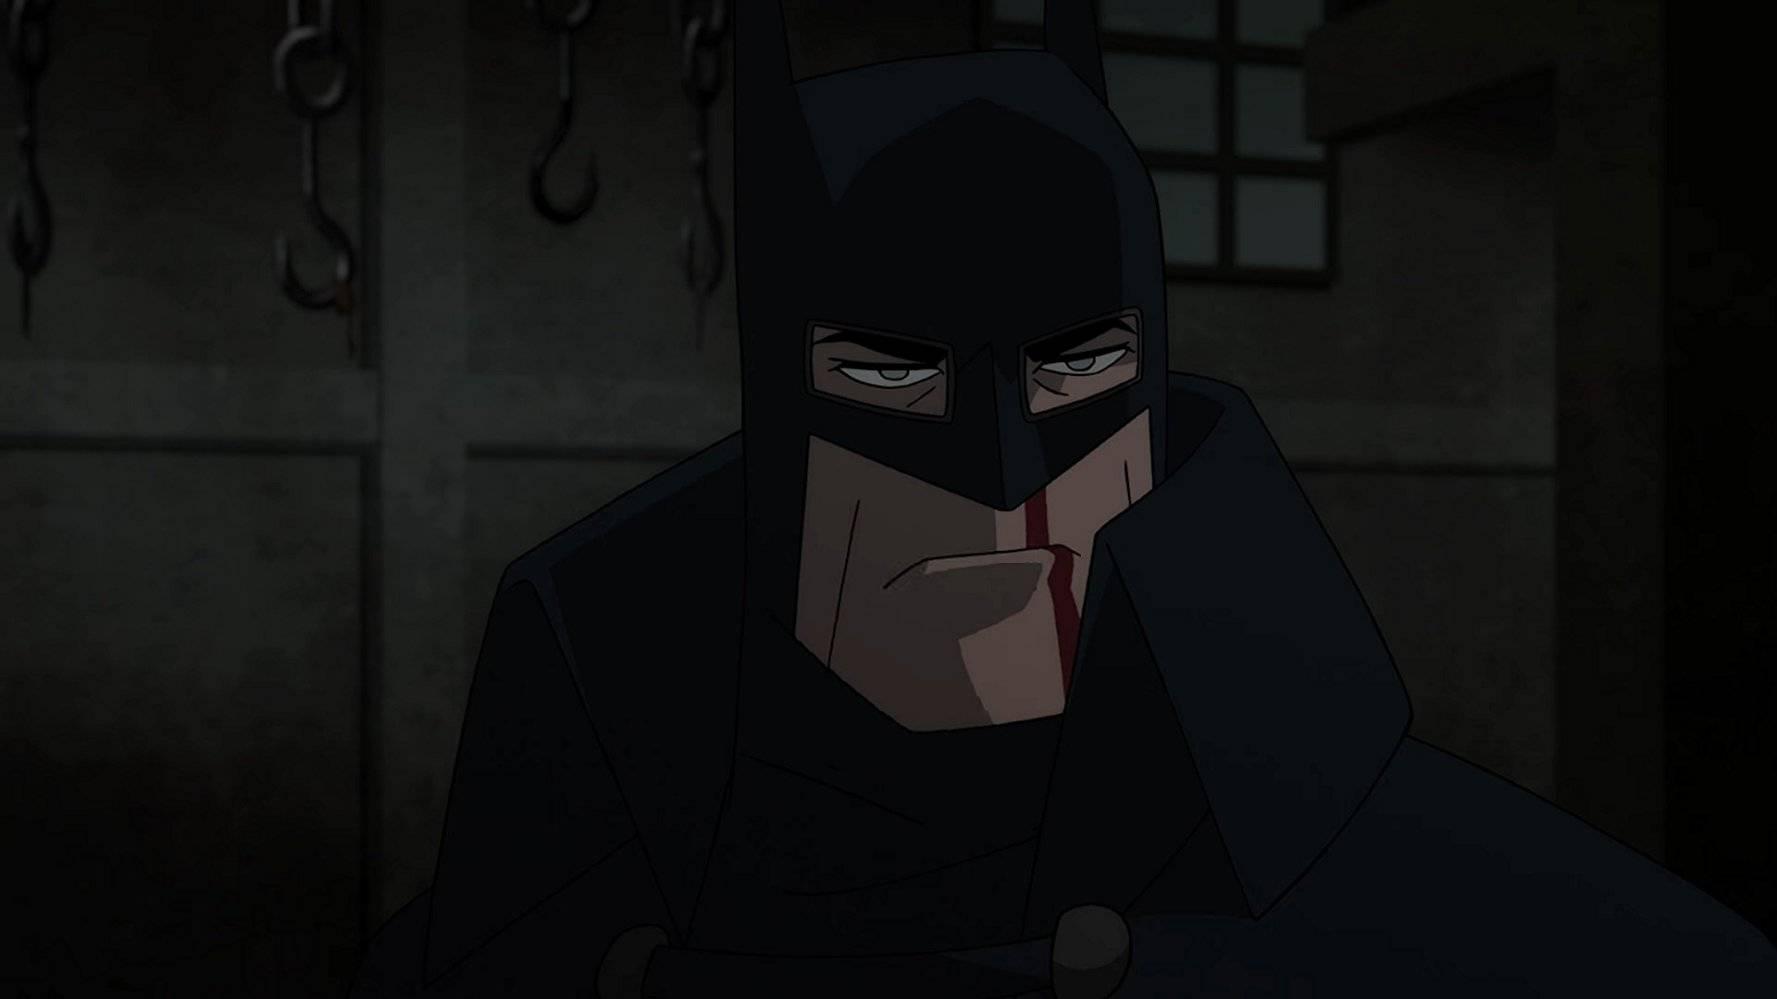 «Бэтмен: Готэм в газовом свете»: интересный мир, скучный детектив 3